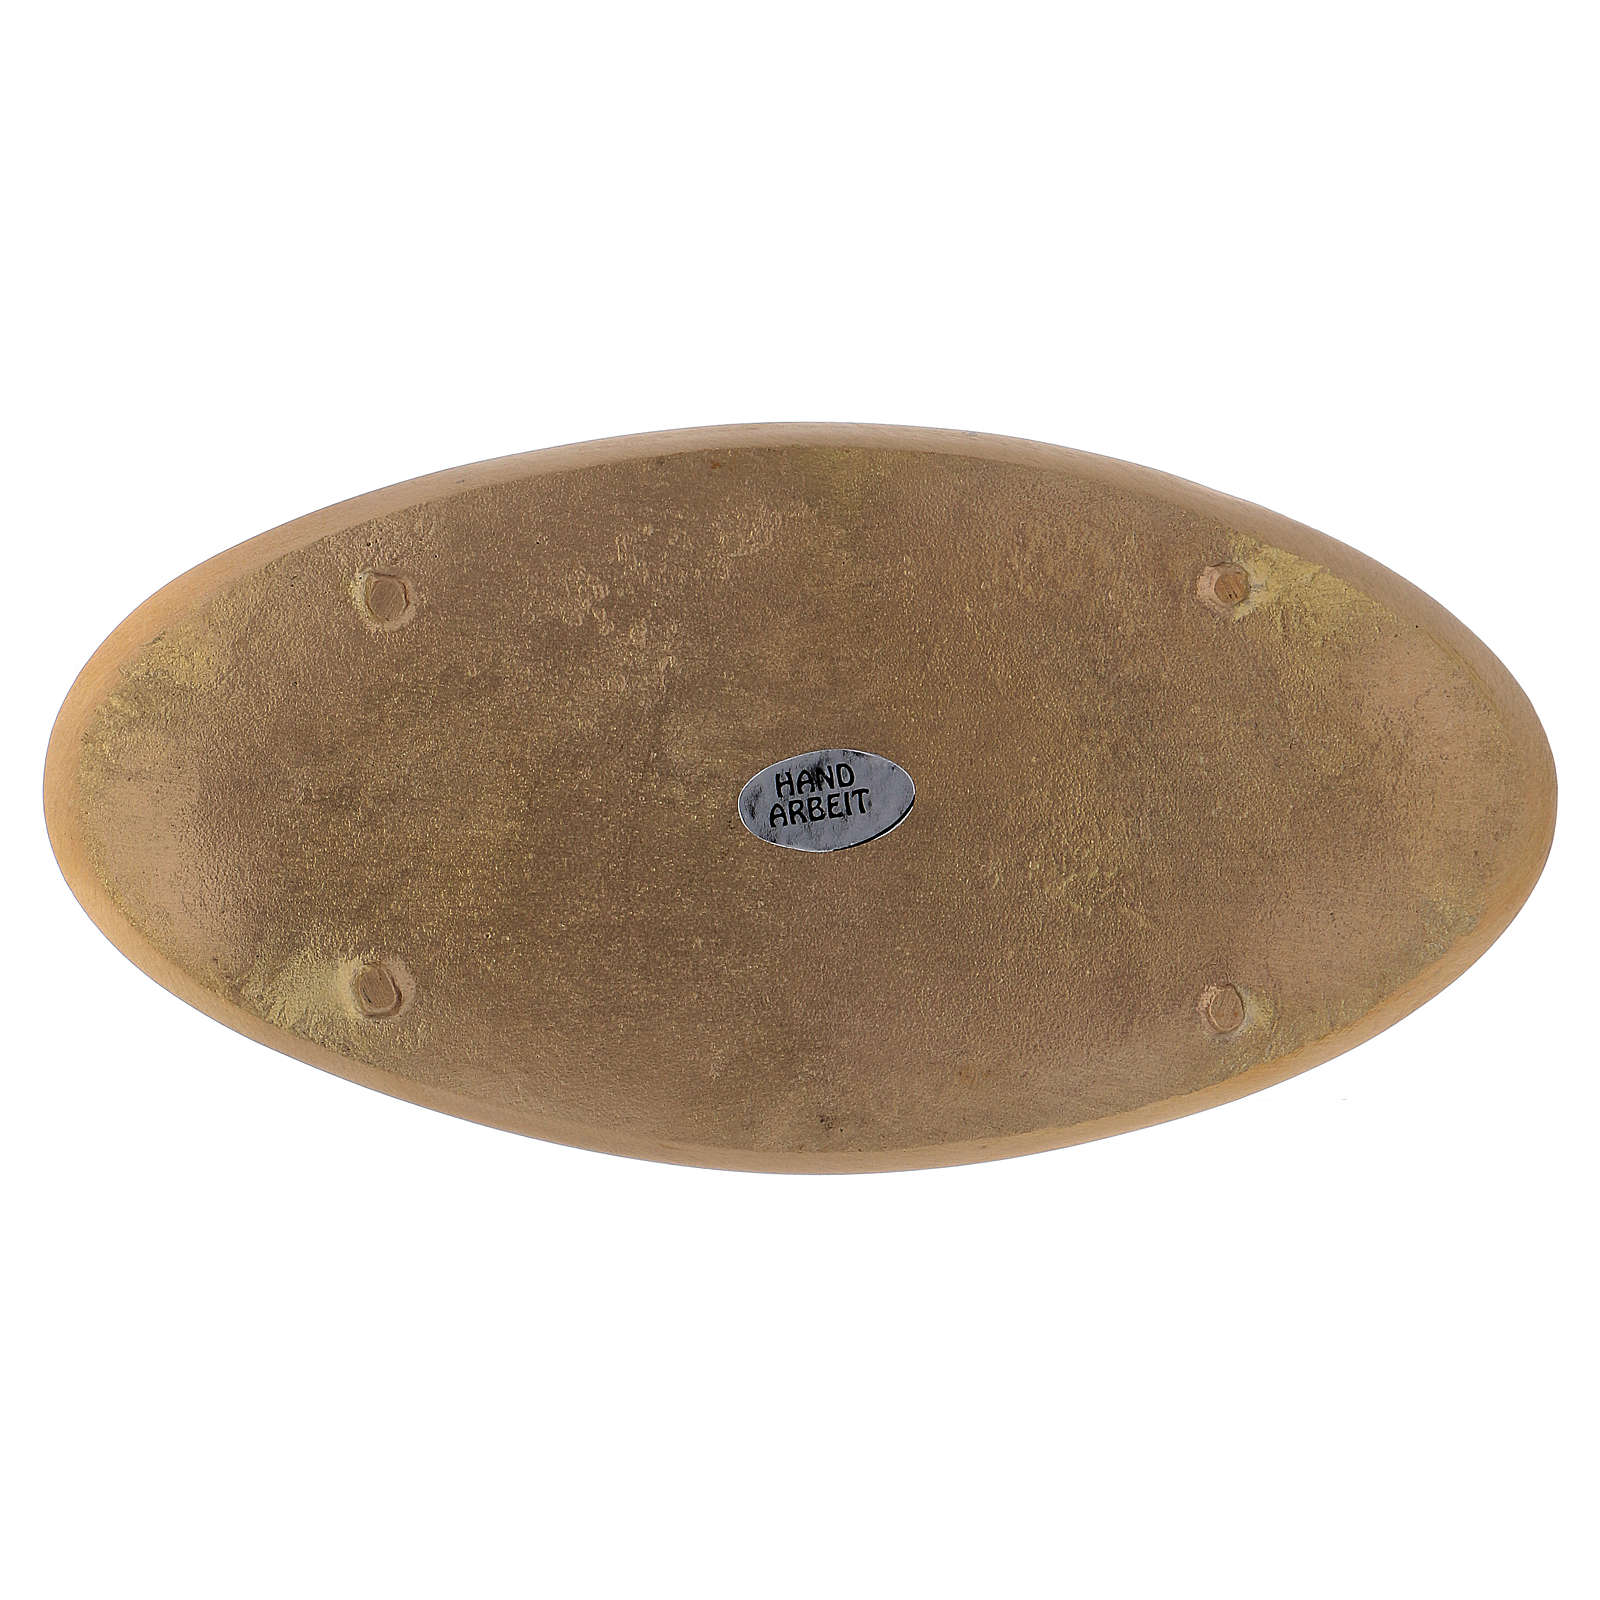 Piattino ovale portacandela incisioni ottone dorato opaco 18x9 cm 3